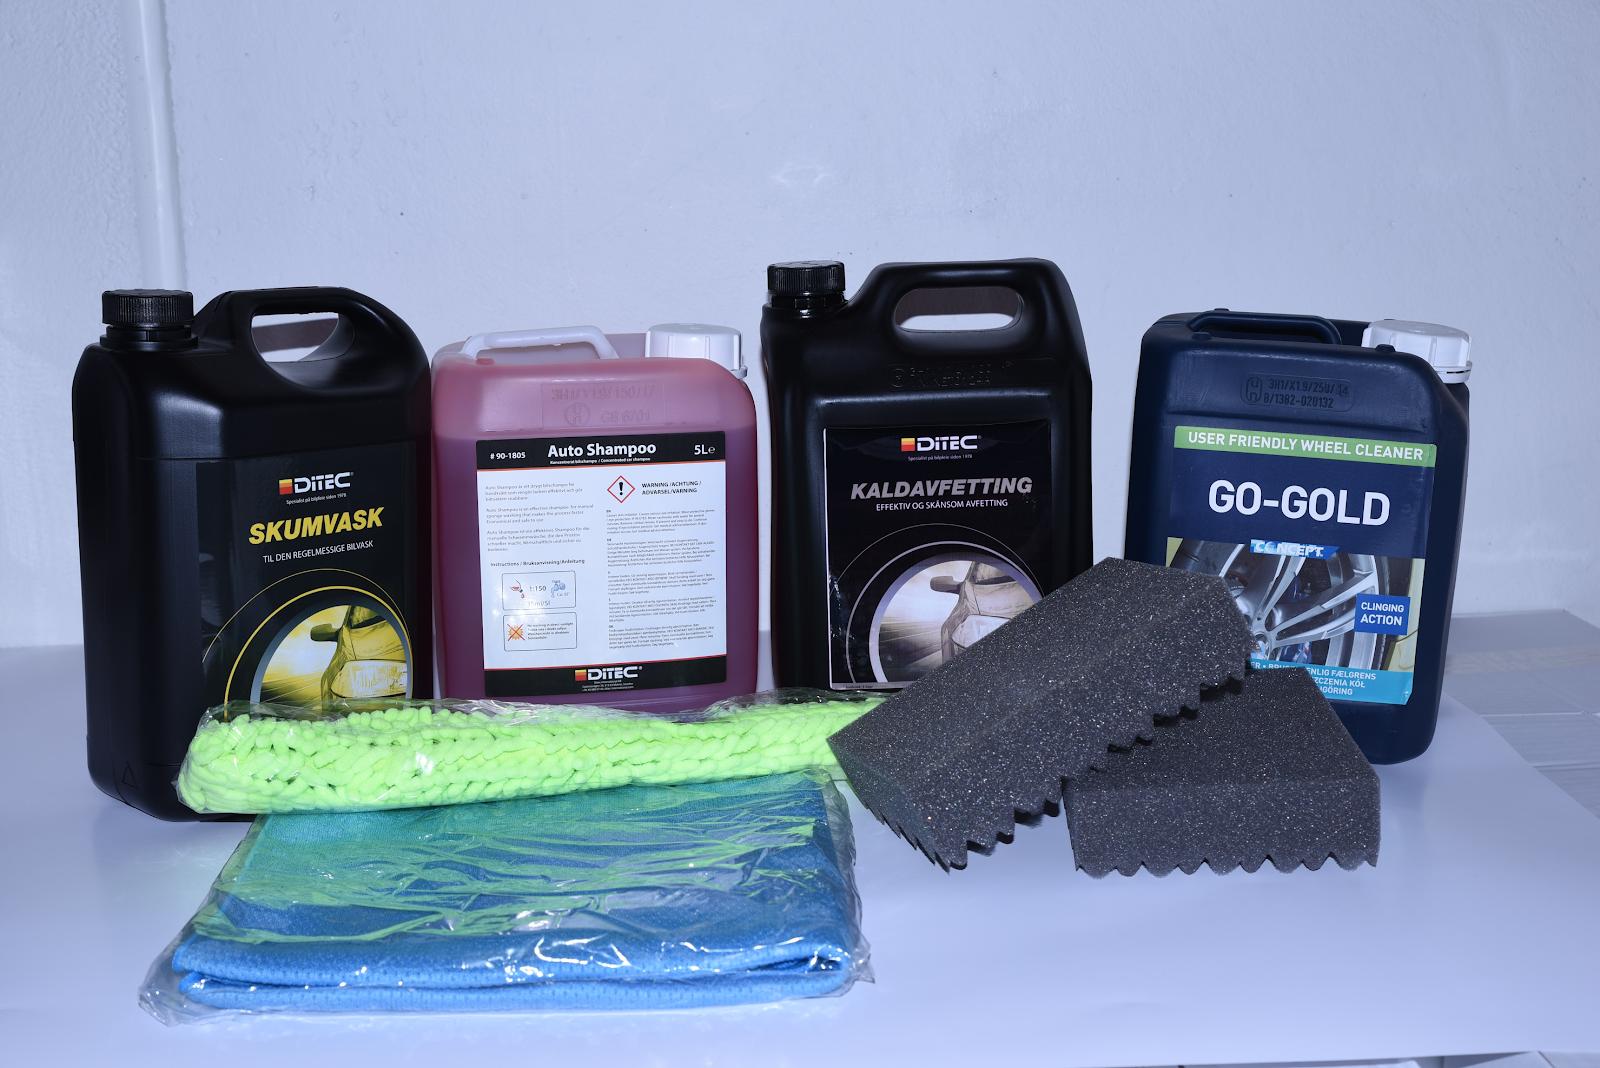 Vaskepakke storforbruker med kaldavfetting